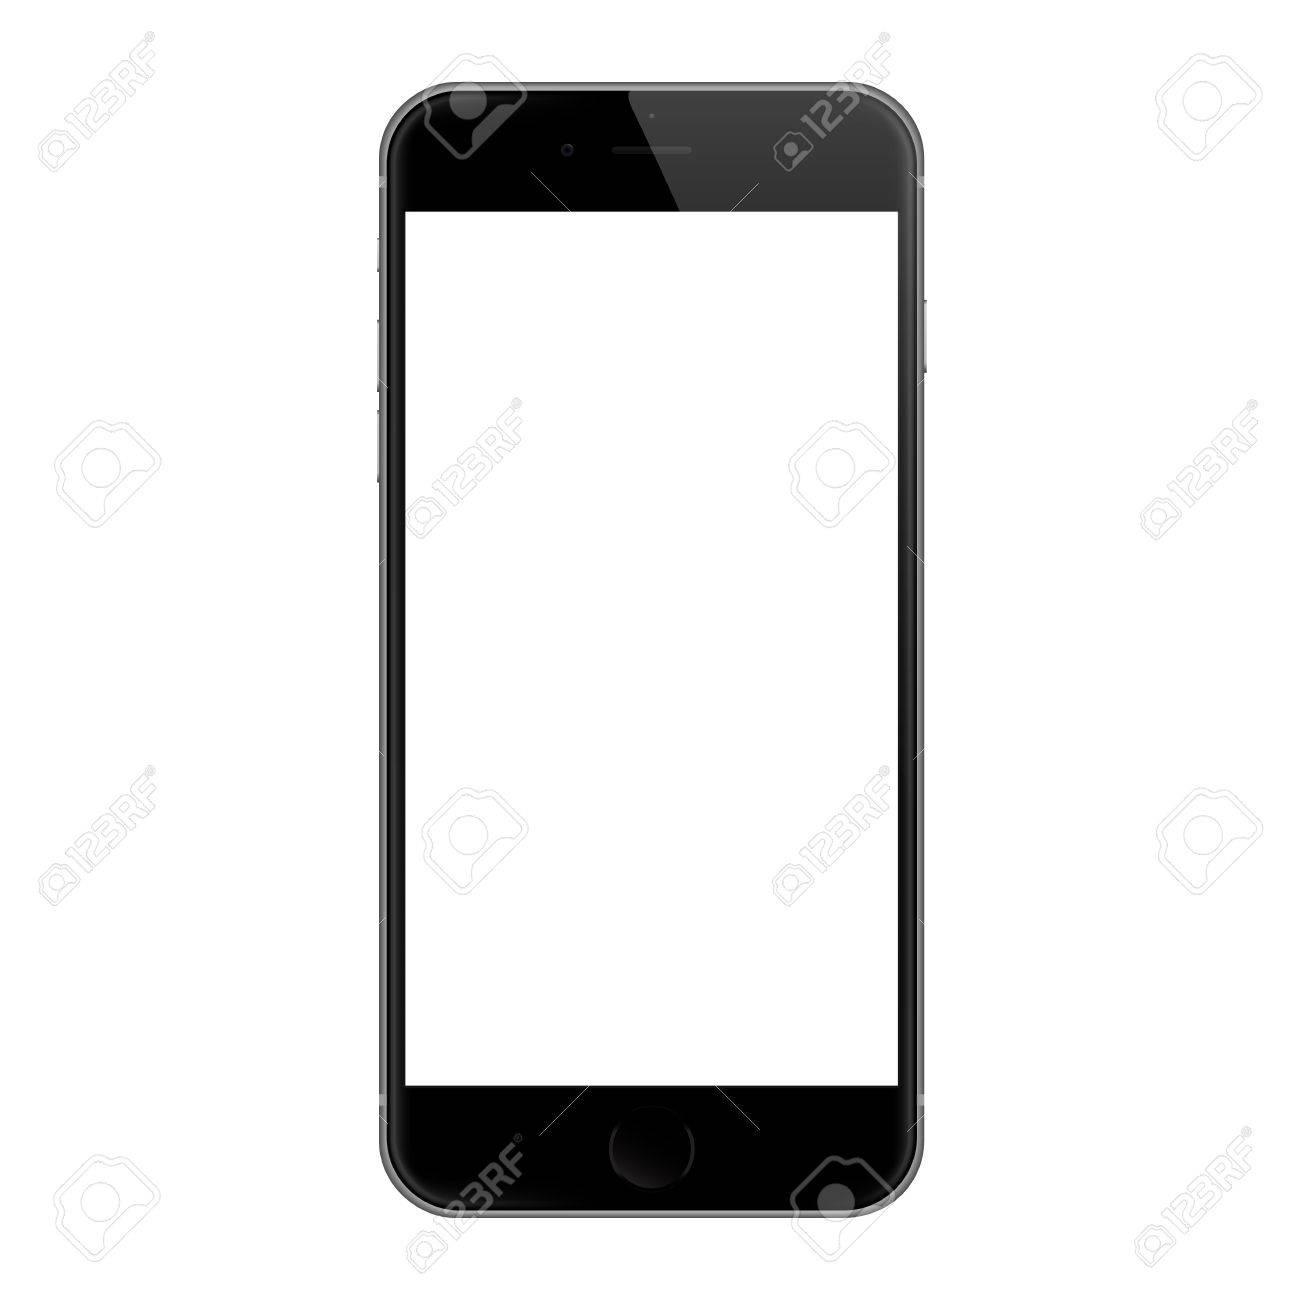 bangkok thailande 7 dec 2015 conception de vecteur d ecran blanc iphone 6 realiste iphone 6 developpe par apple inc